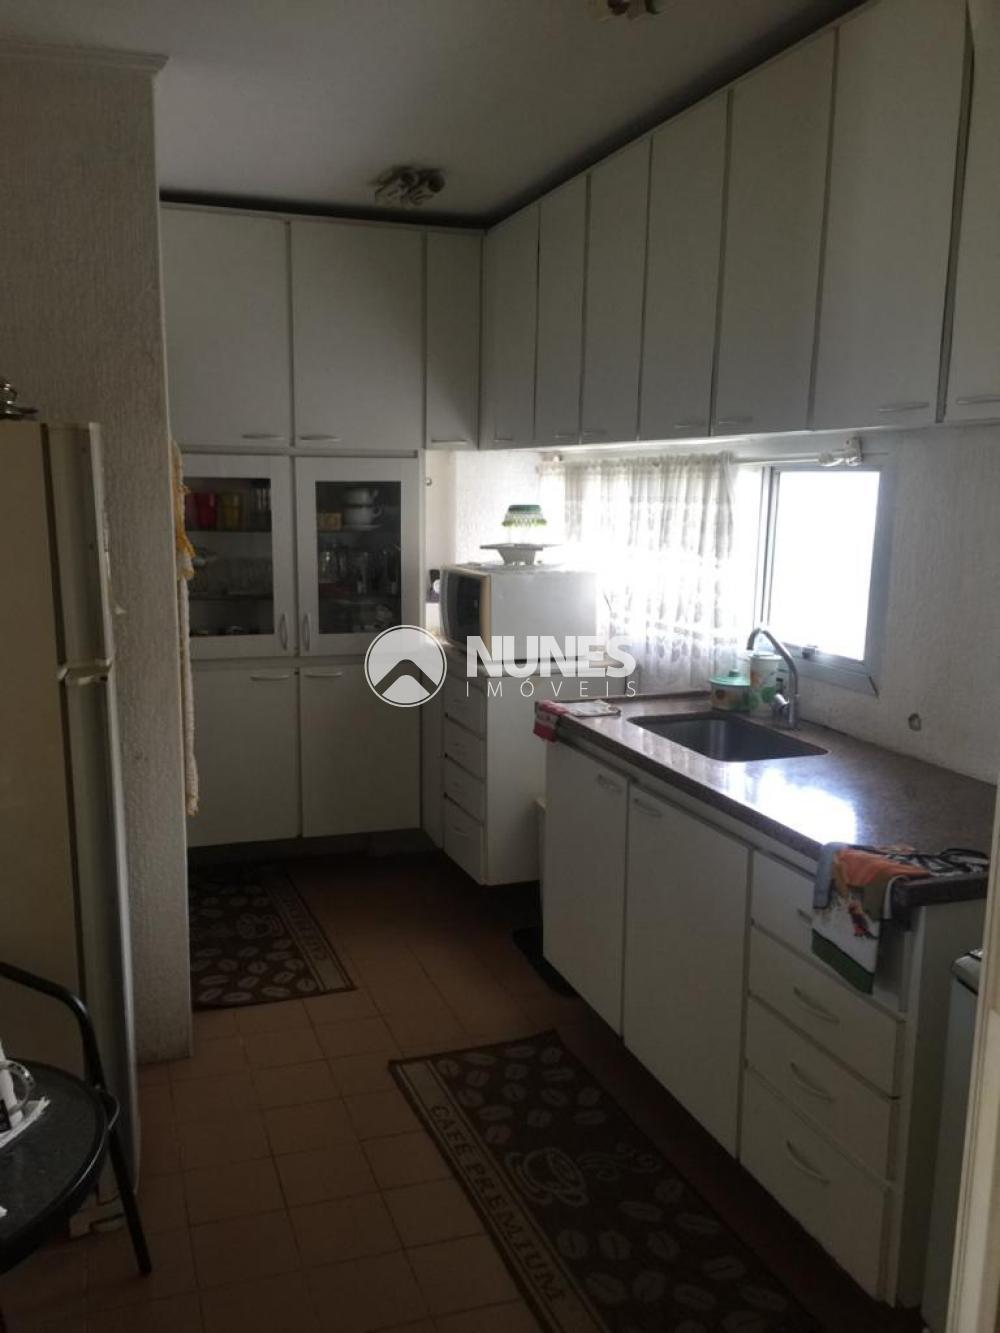 Comprar Apartamento / Padrão em São Paulo apenas R$ 700.000,00 - Foto 12